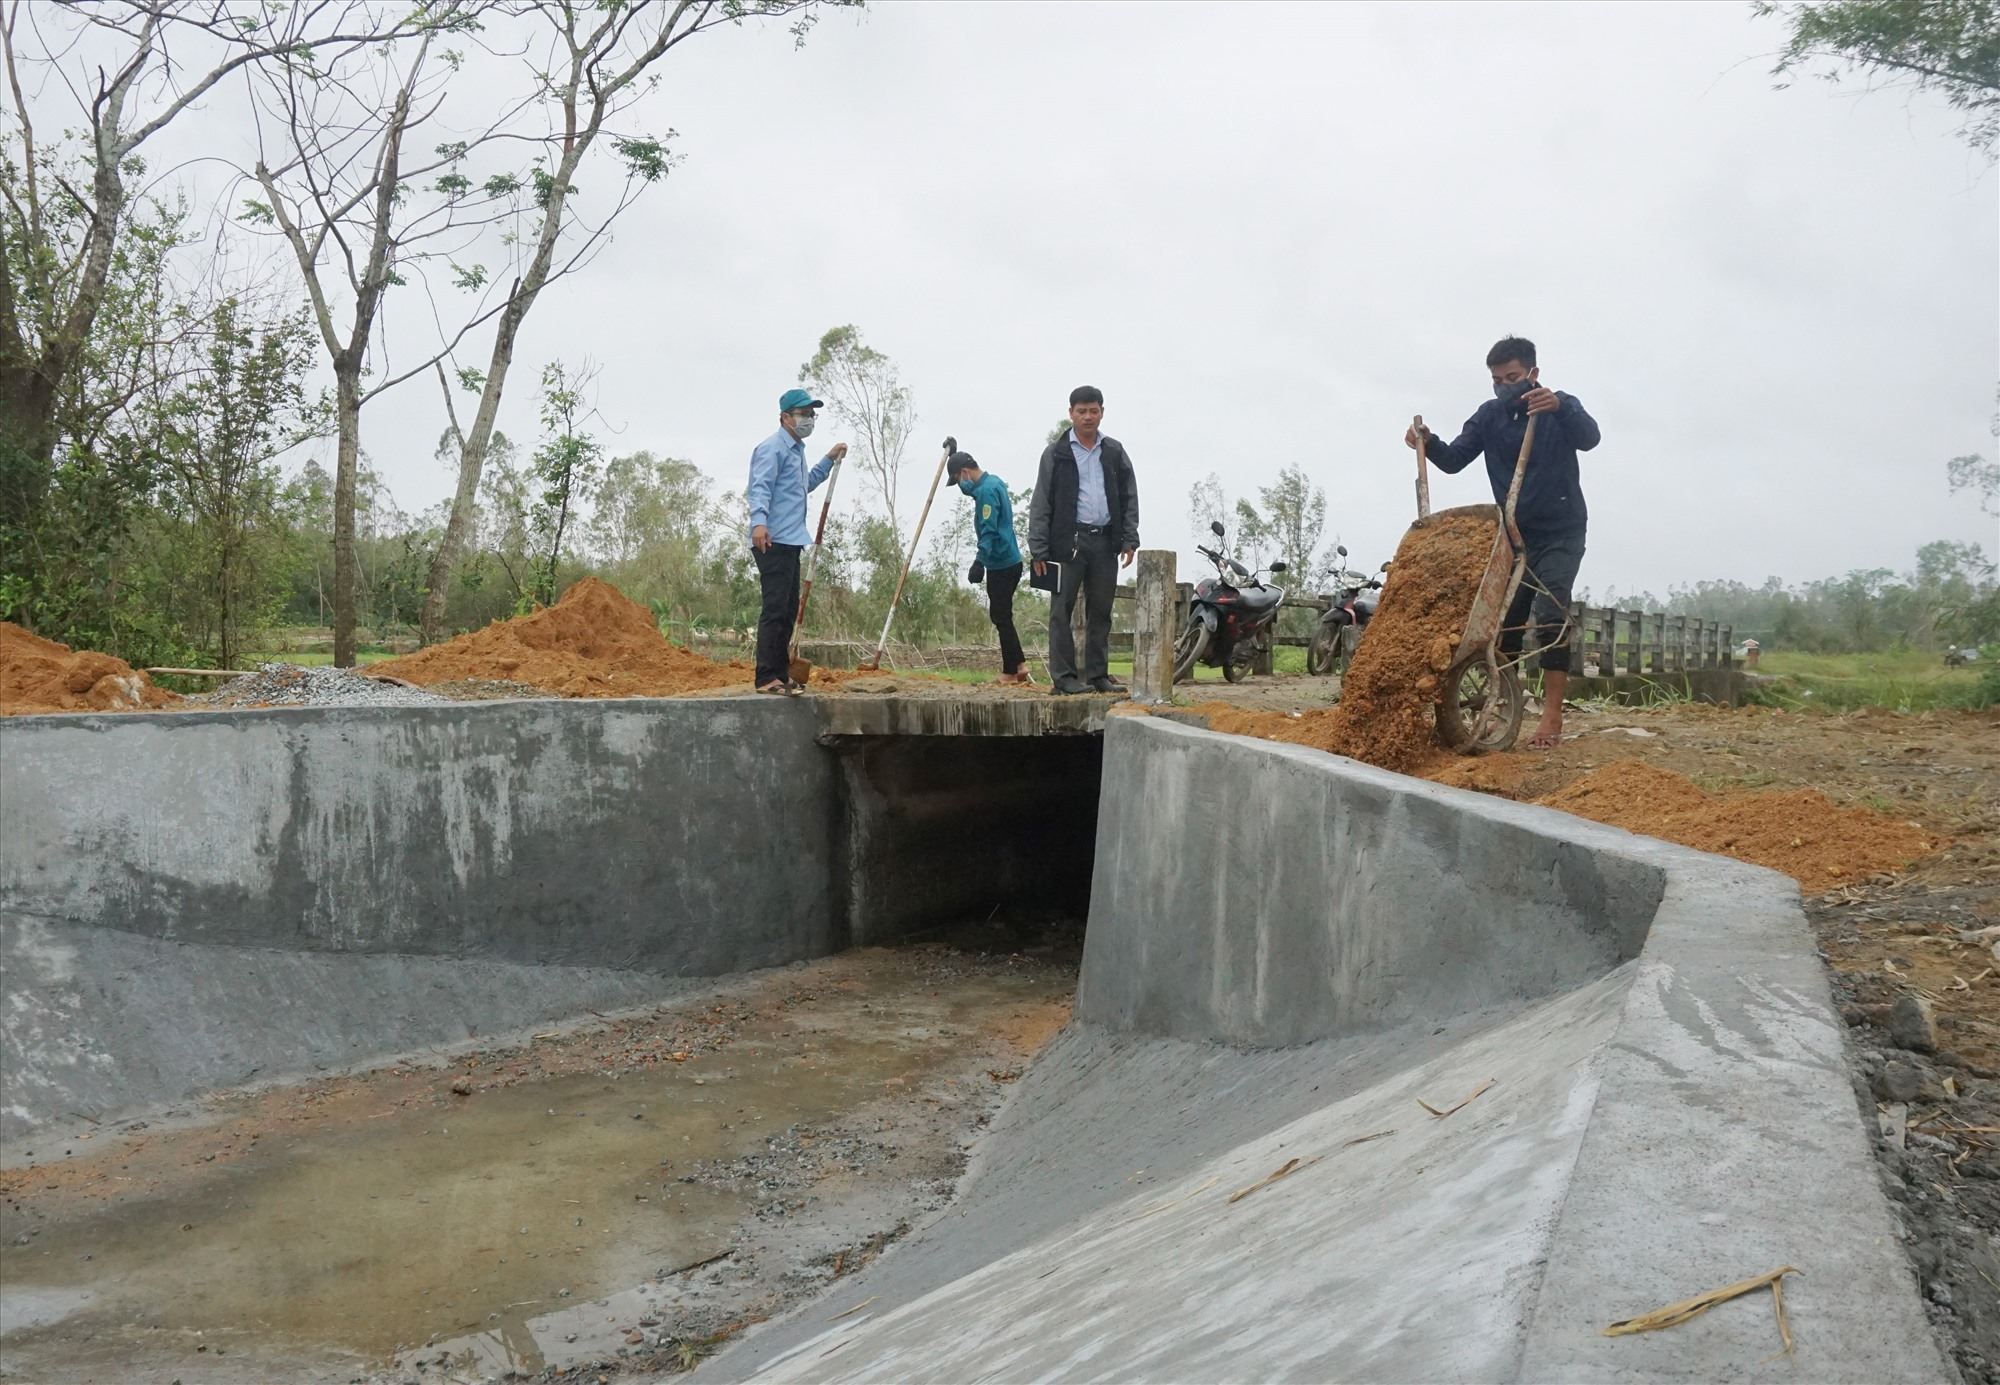 Chi nhánh Thủy lợi huyện Thăng Bình huy động lực lượng để khắc phục các điểm sạt lở kênh mương do mưa bão vừa qua. Ảnh: G.B